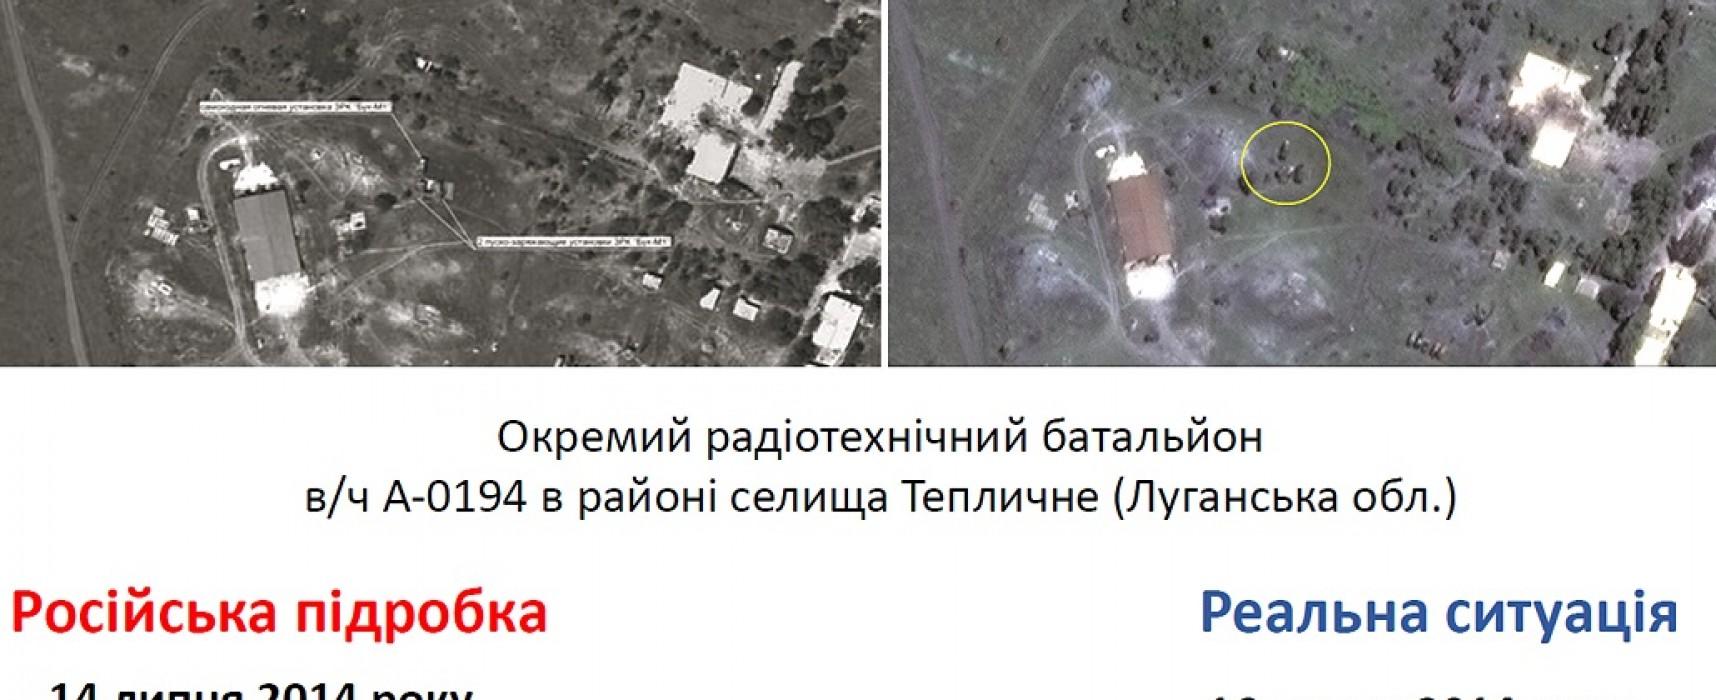 СБУ: Новые «доказательства» крушения Boeing на Донбассе основаны на фейковых снимках